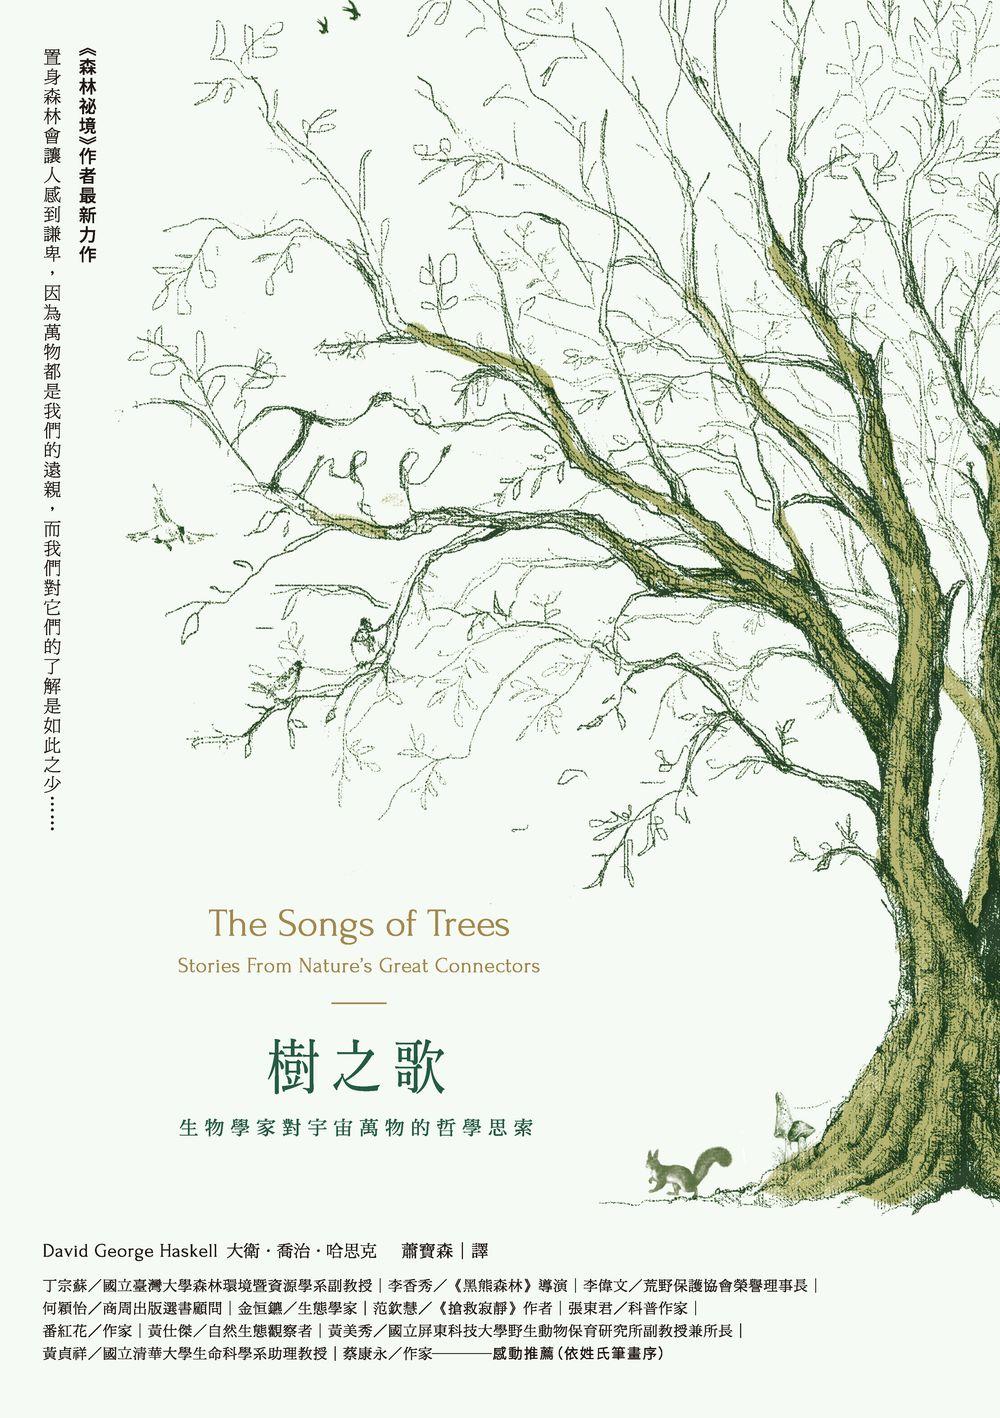 樹之歌:生物學家對宇宙萬物的哲學思索 (電子書)